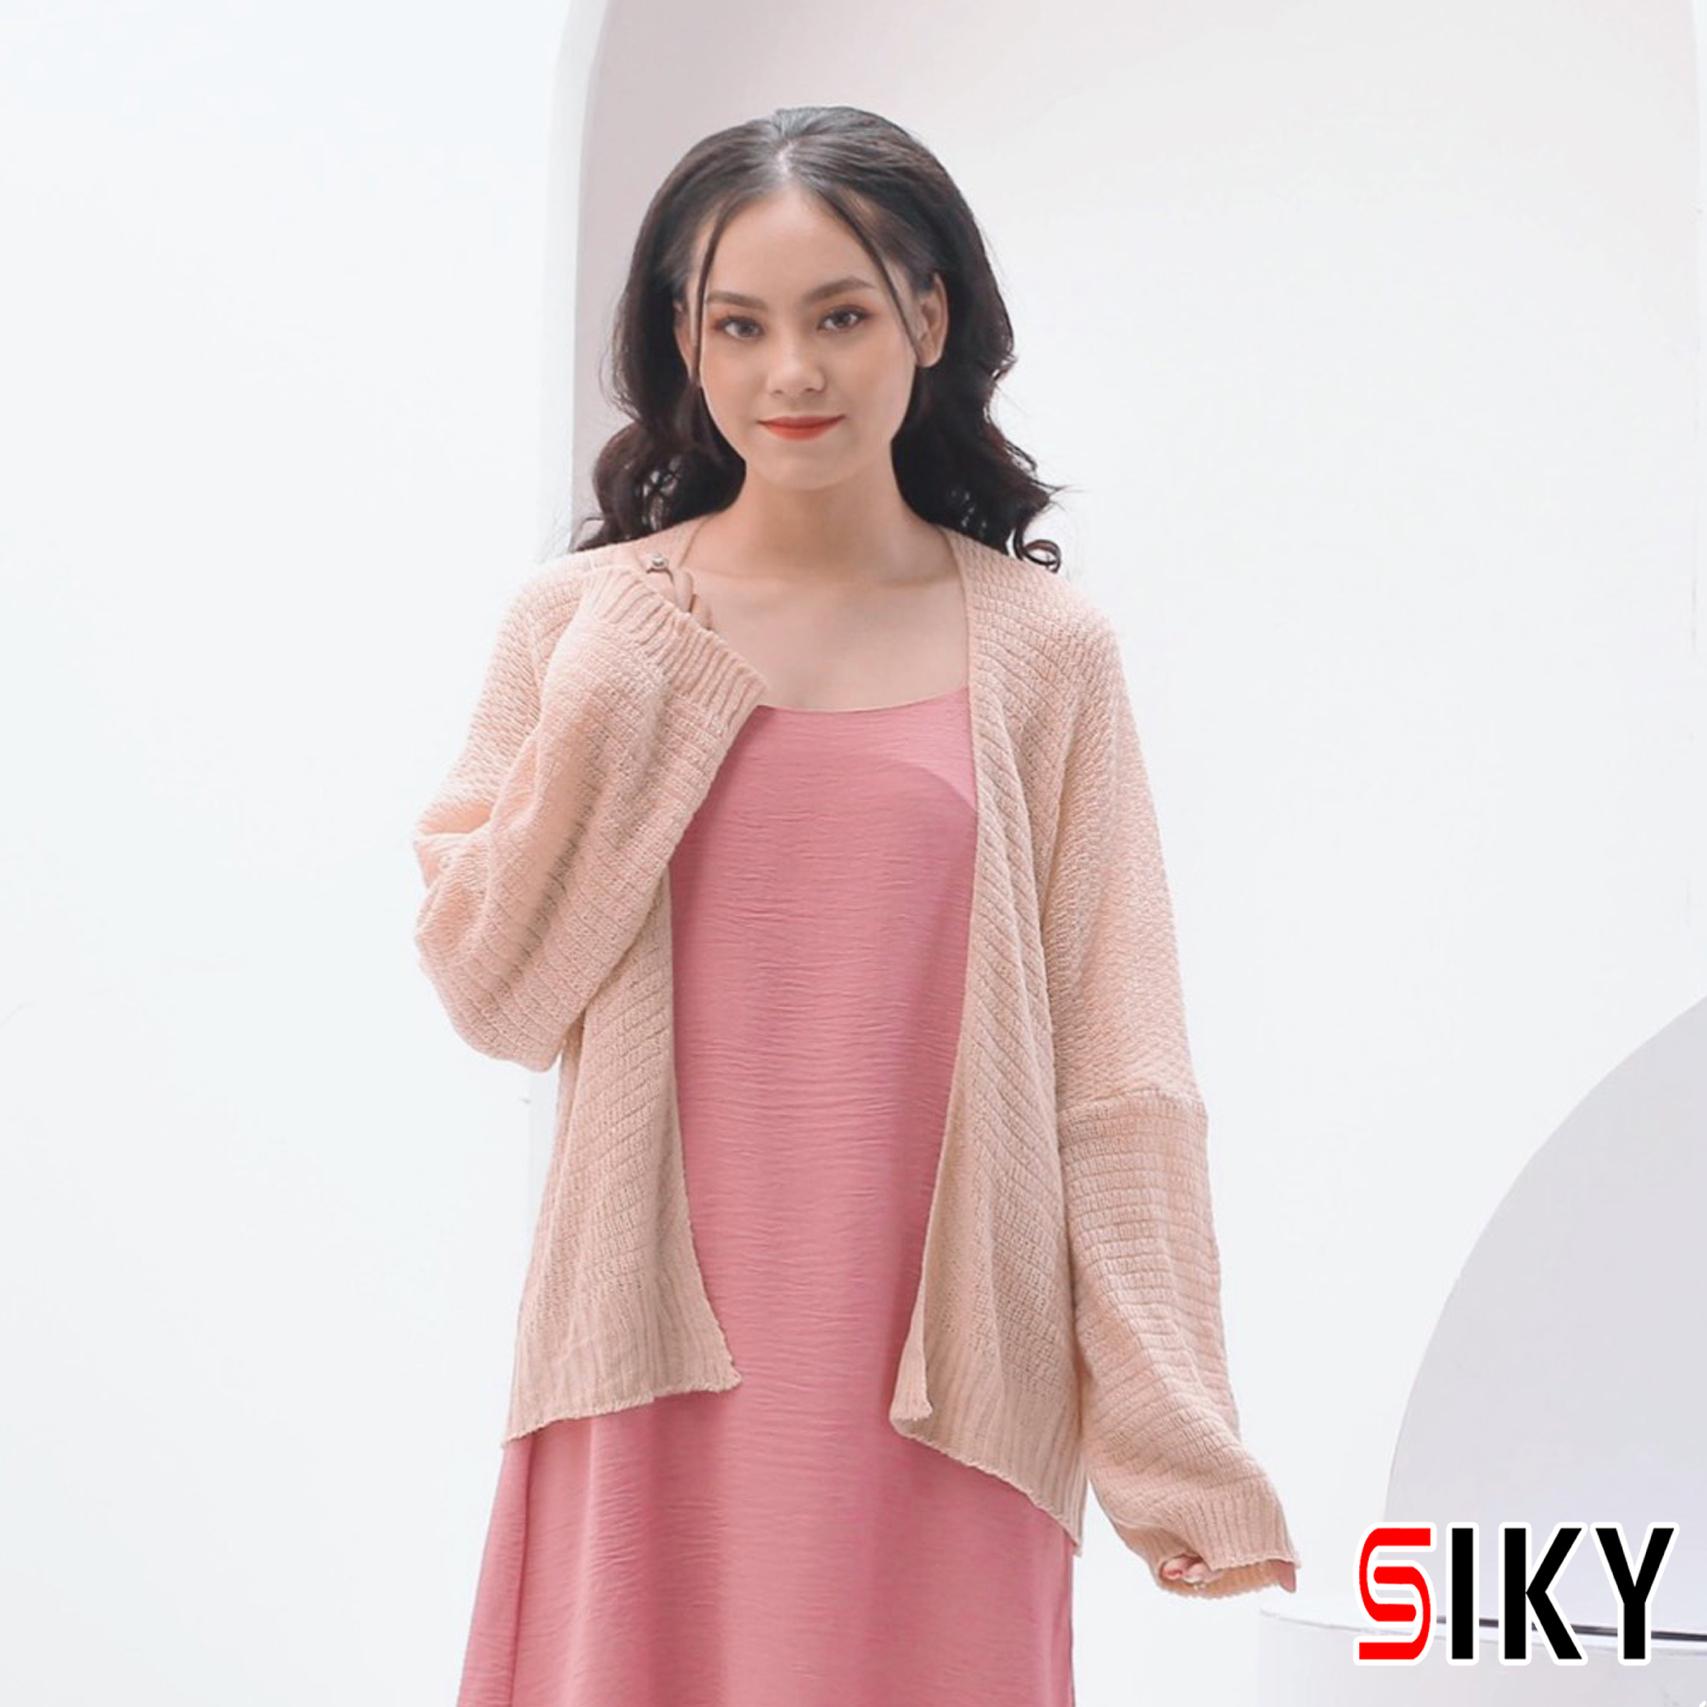 Áo Cardigan Len - Áo khoác len mỏng phong cách Hàn Quốc